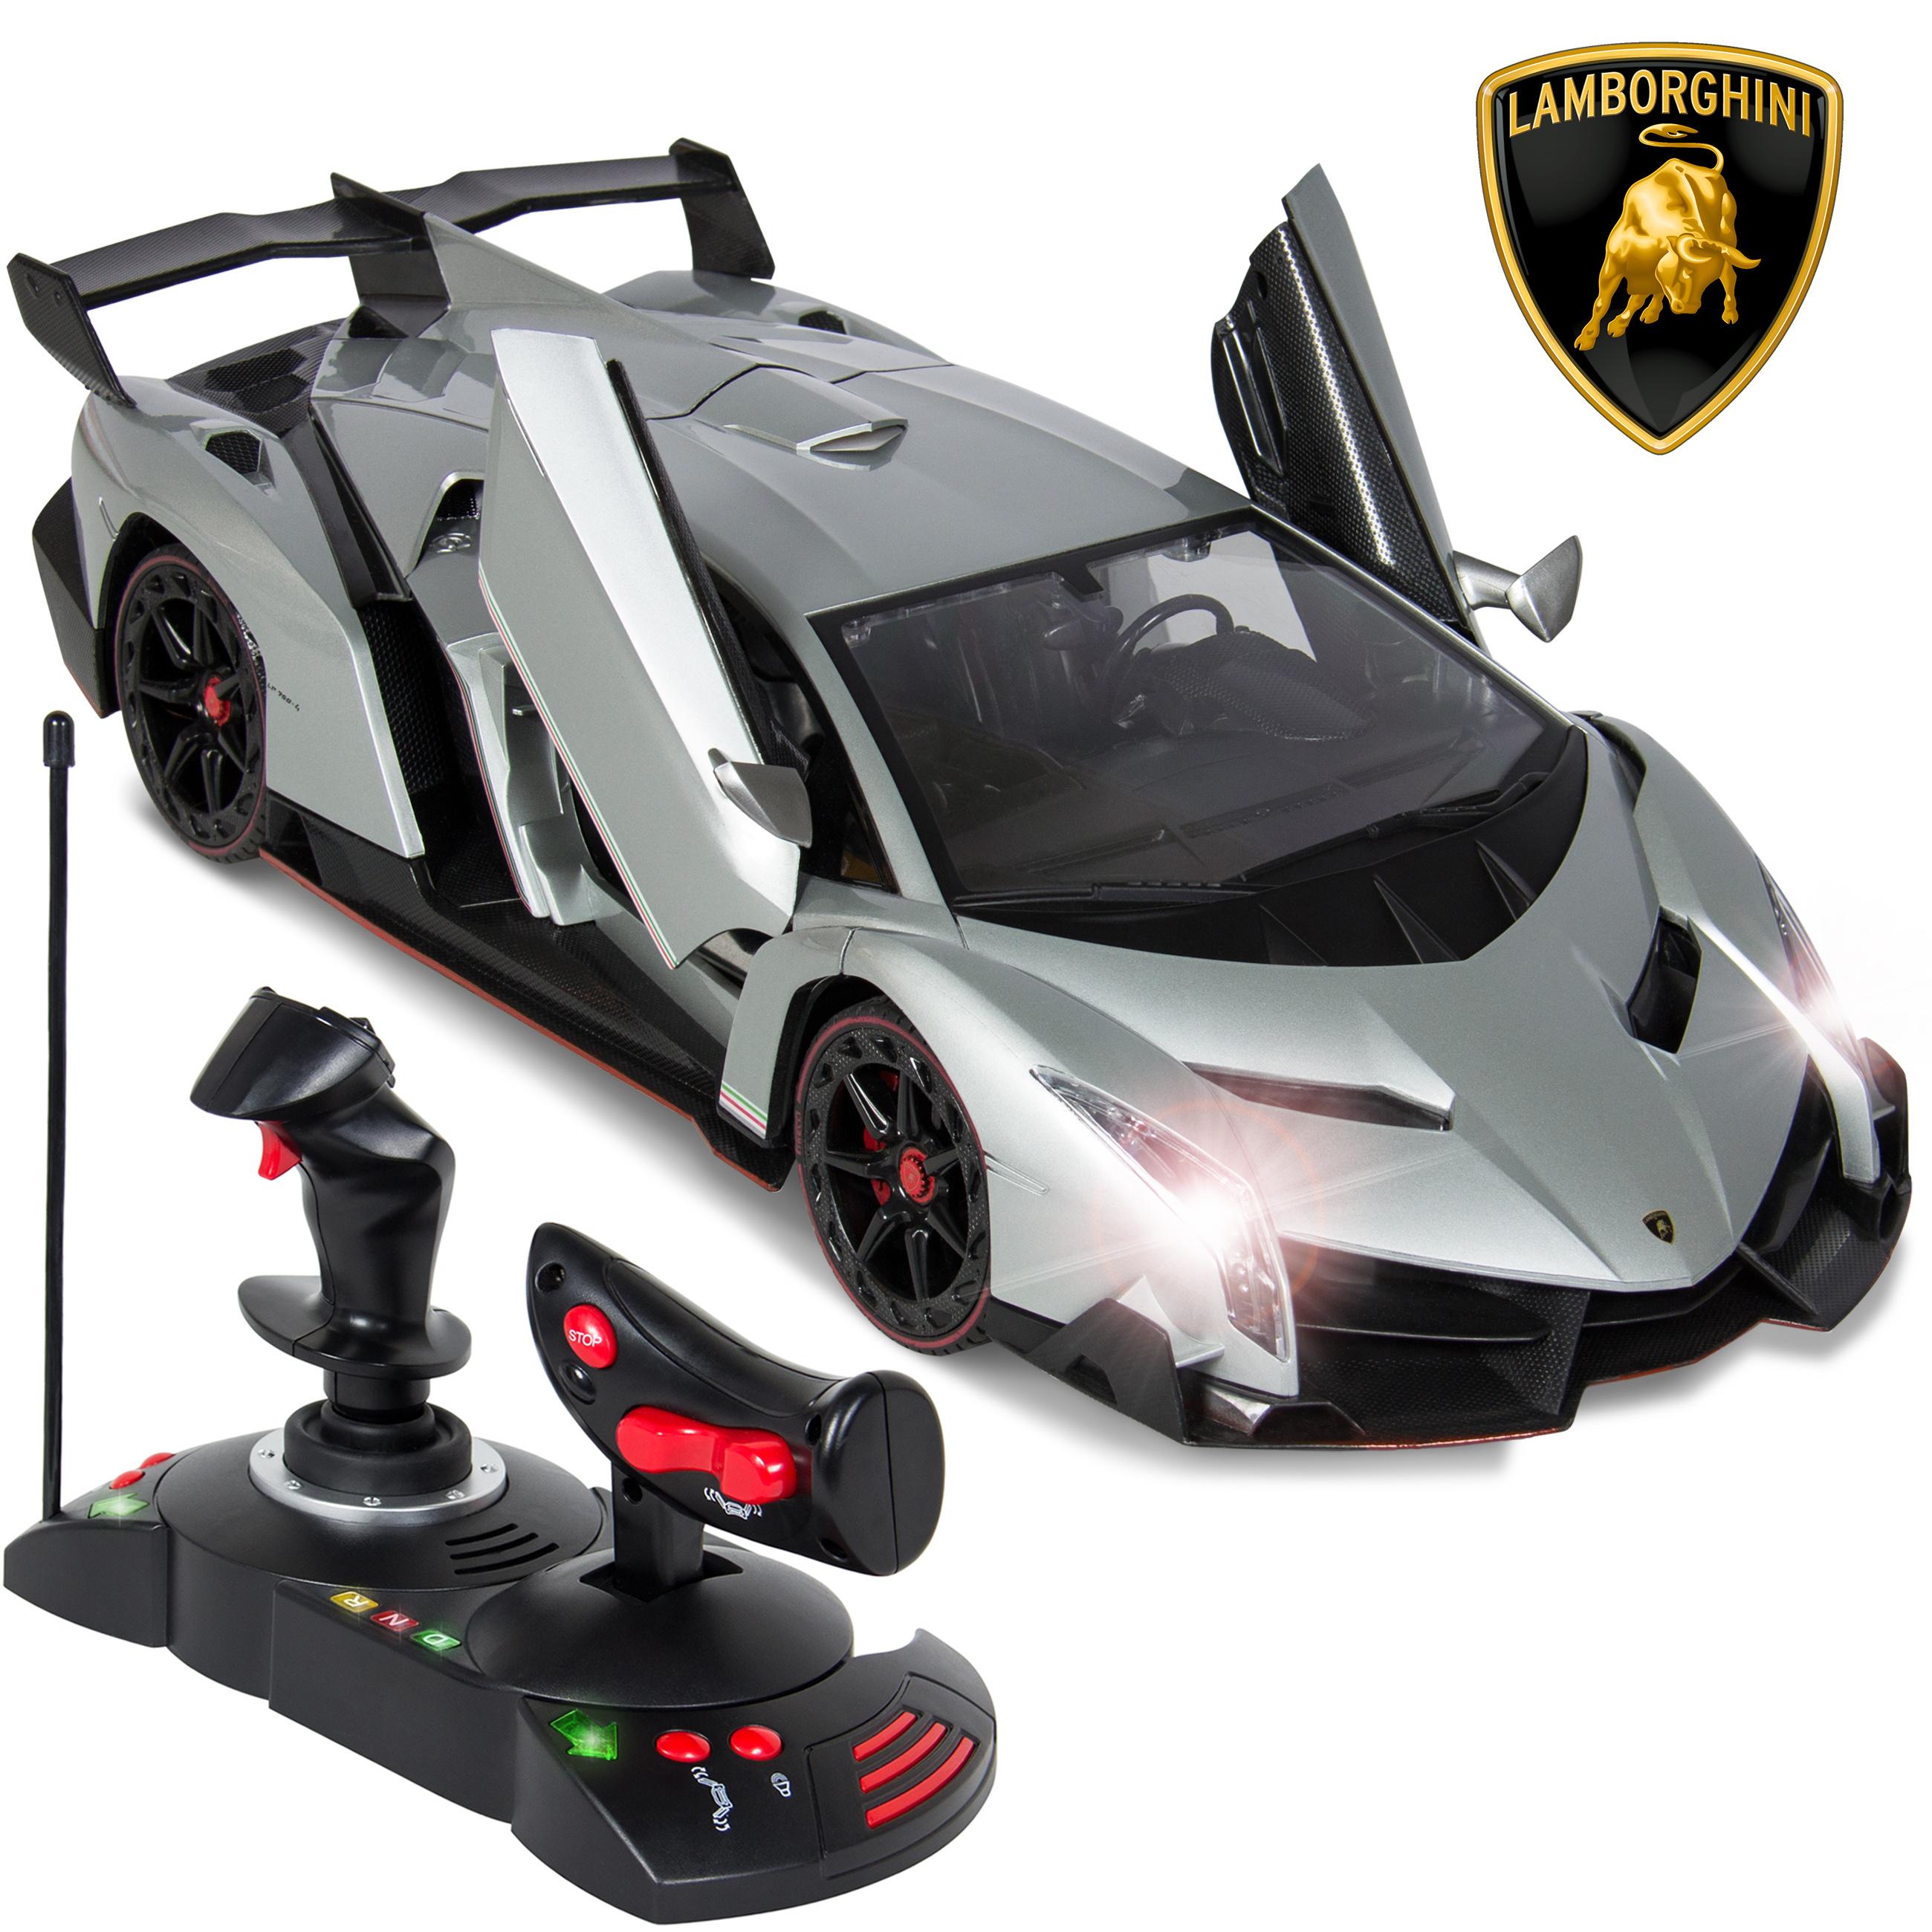 1/14 Scale RC Lamborghini Veneno Gravity Sensor Radio Remote Control ...